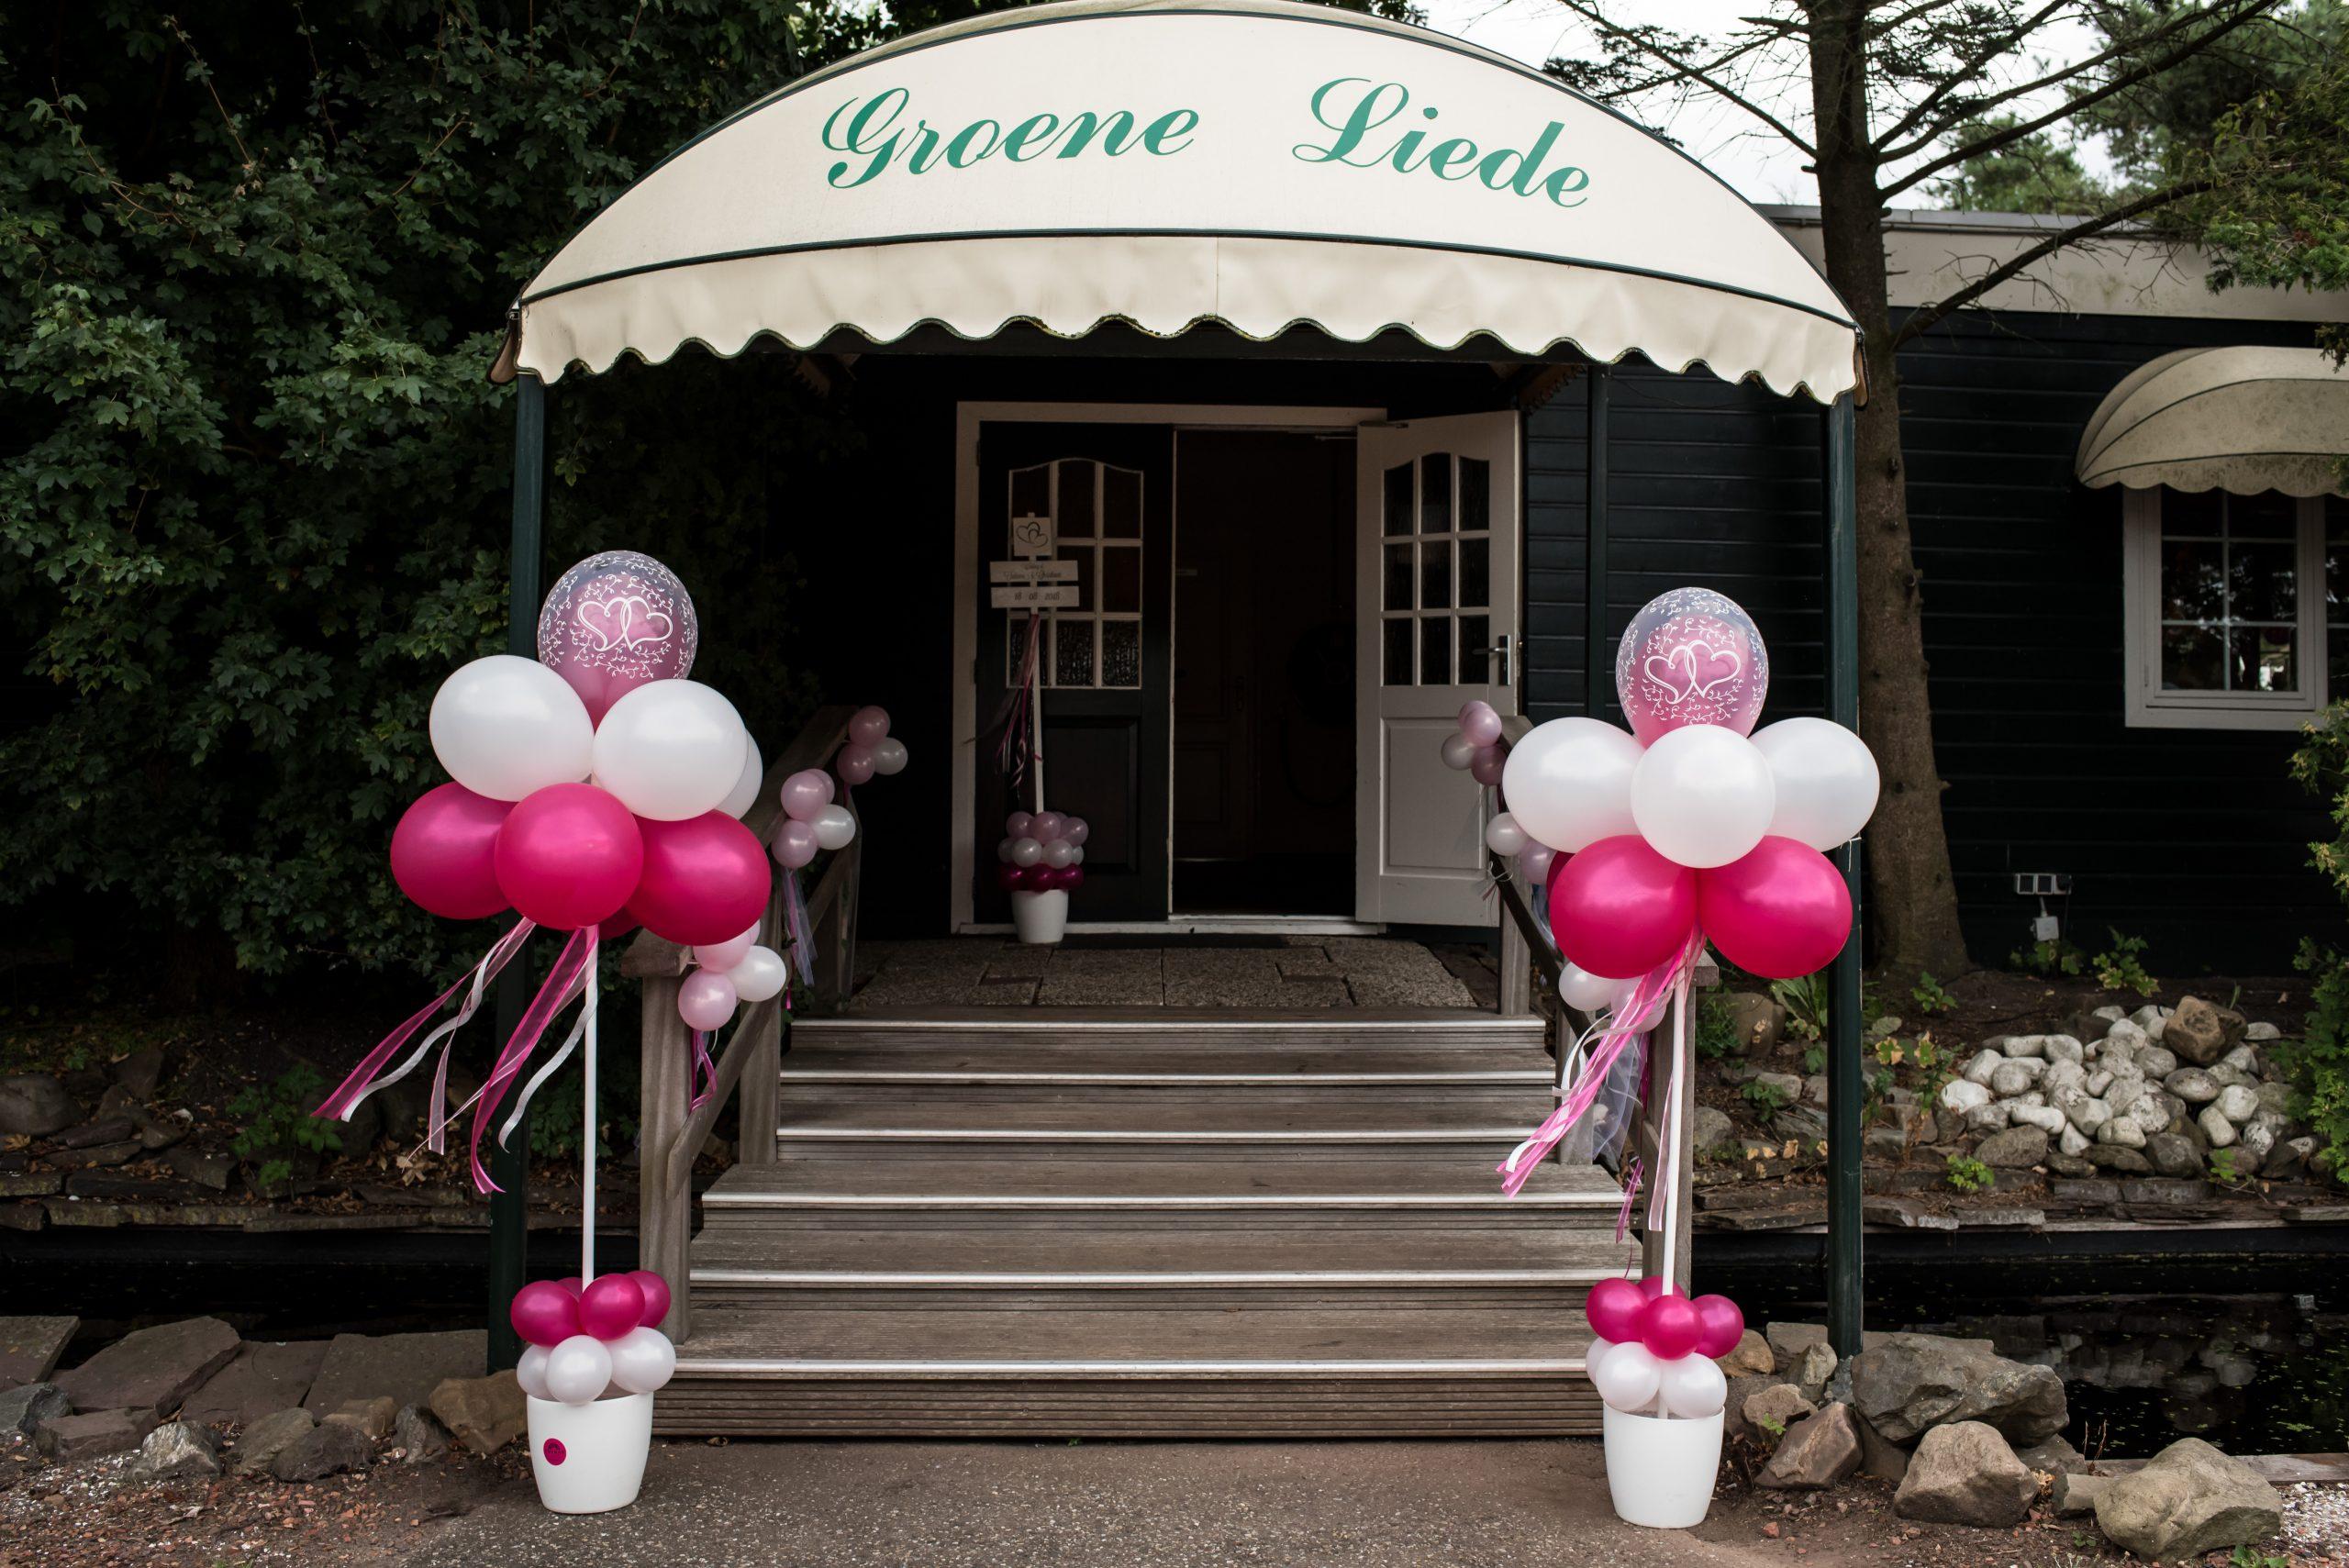 Trouwlocatie feestlocatie entree met wit en roze ballonen